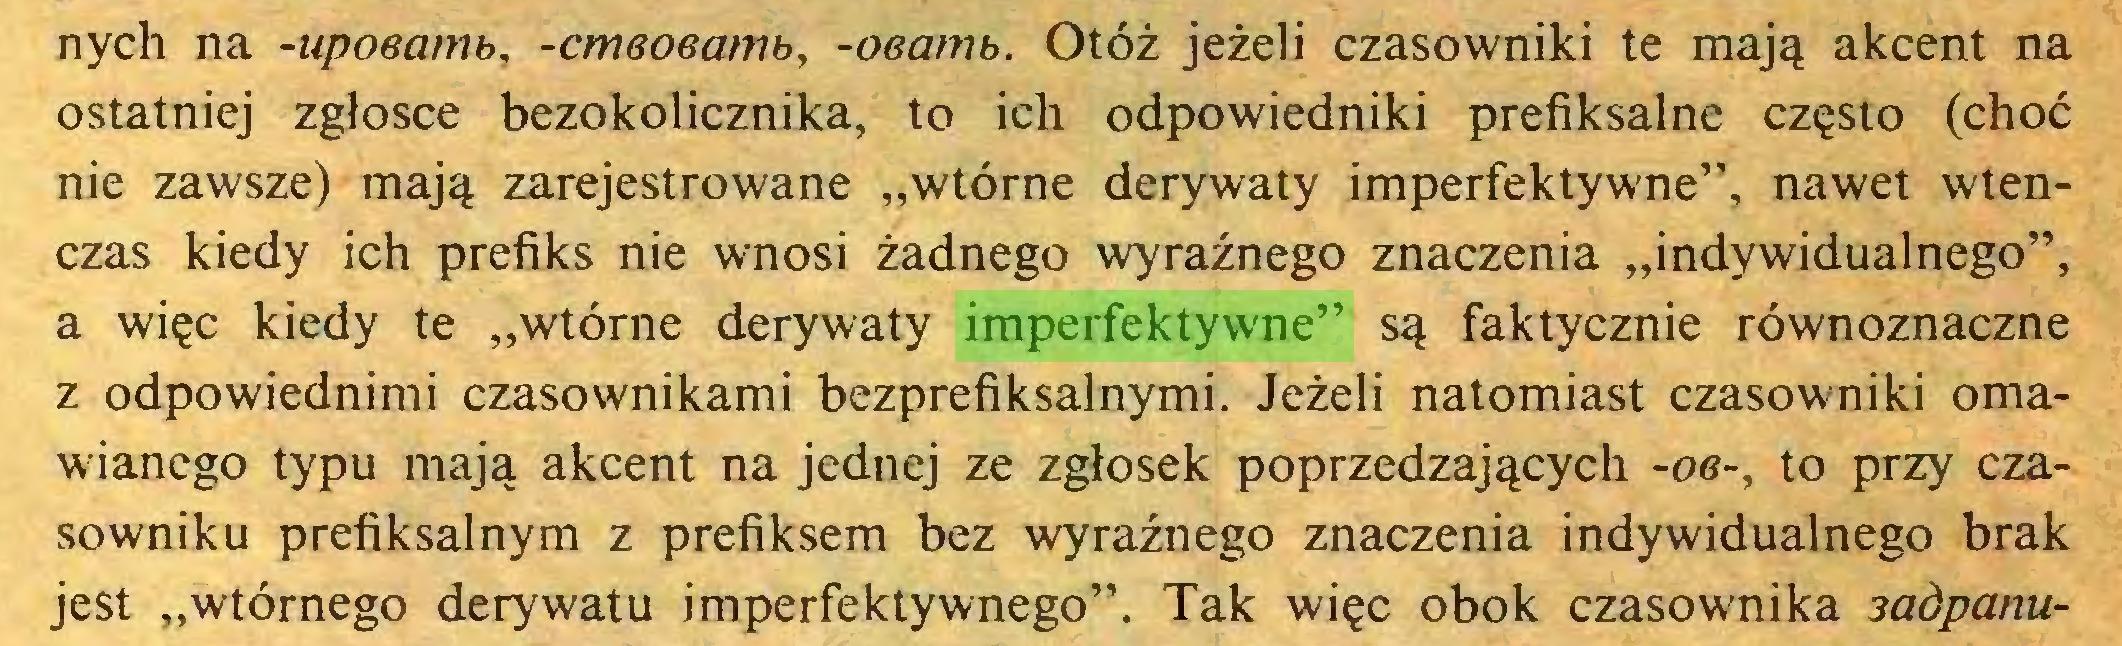 """(...) nych na -upoeamb, -cmeoeamb, -oearrtb. Otóż jeżeli czasowniki te mają akcent na ostatniej zgłosce bezokolicznika, to ich odpowiedniki prefiksalne często (choć nie zawsze) mają zarejestrowane """"wtórne derywaty imperfektywne"""", nawet wtenczas kiedy ich prefiks nie wnosi żadnego wyraźnego znaczenia """"indywidualnego"""", a więc kiedy te """"wtórne derywaty imperfektywne"""" są faktycznie równoznaczne z odpowiednimi czasownikami bezprefiksalnymi. Jeżeli natomiast czasowniki omawianego typu mają akcent na jednej ze zgłosek poprzedzających -oe-, to przy czasowniku prefiksalnym z prefiksem bez wyraźnego znaczenia indywidualnego brak jest """"wtórnego derywatu imperfektywnego"""". Tak więc obok czasownika sadpanu..."""